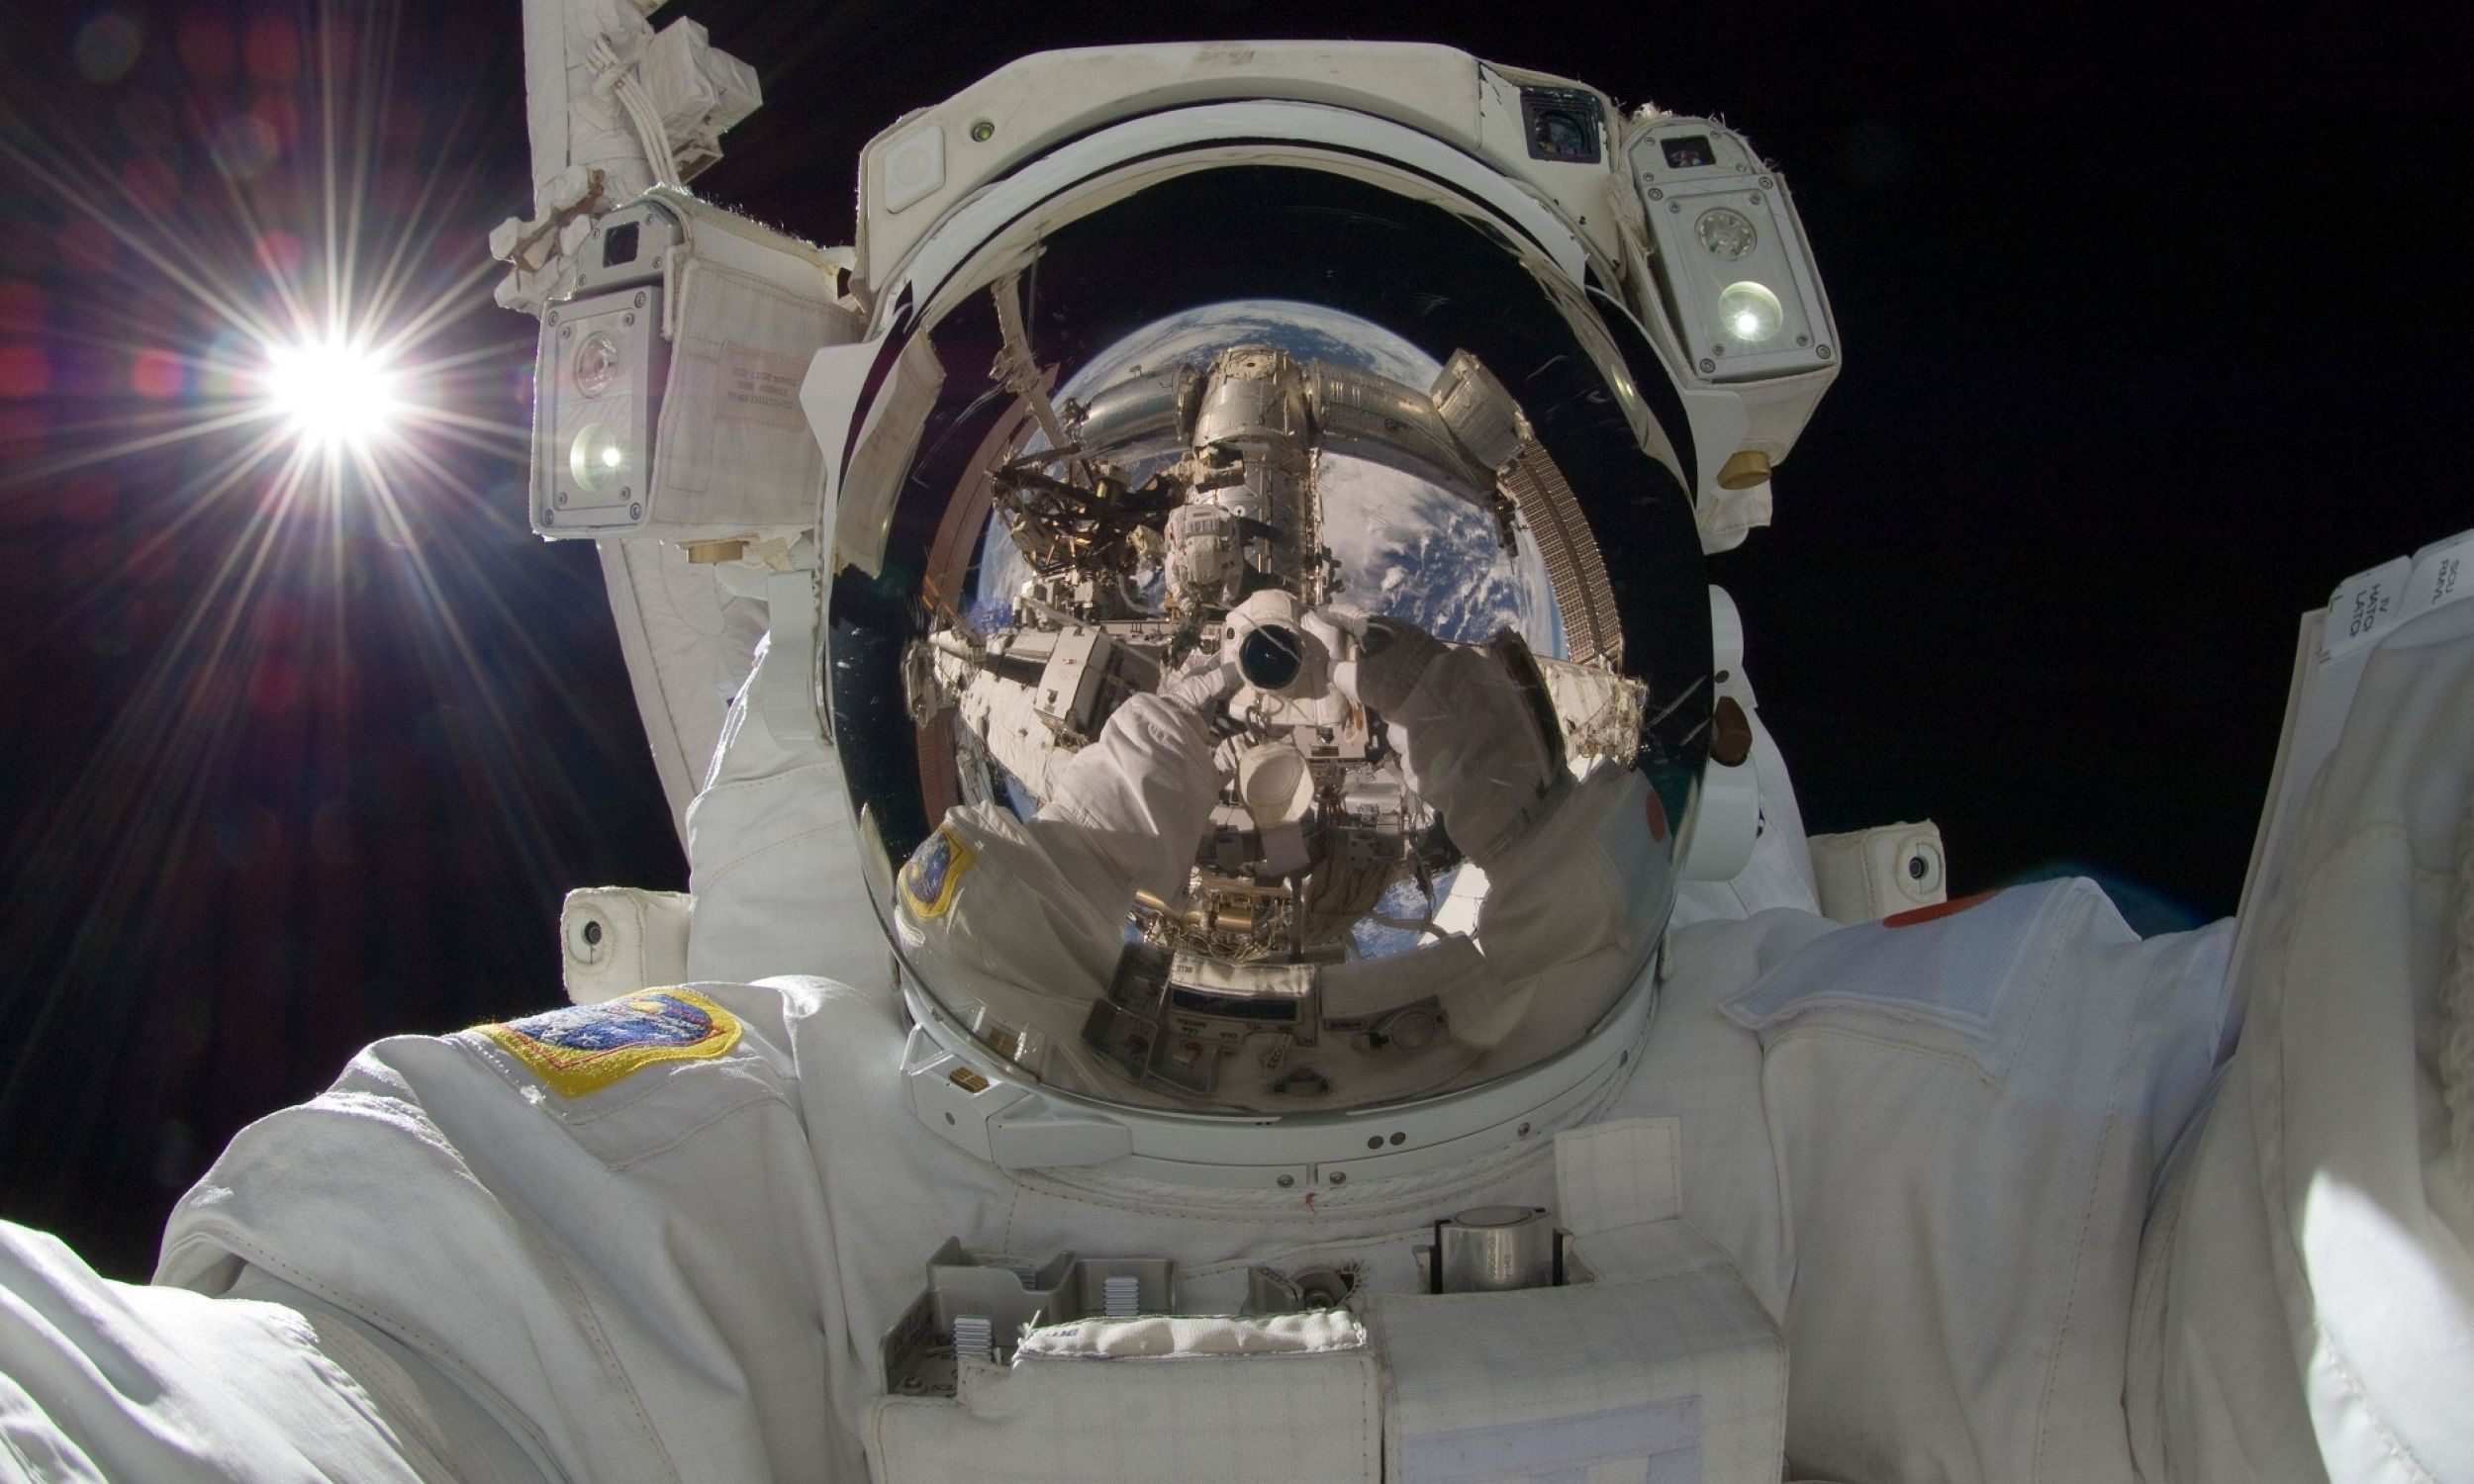 Środowiskiem człowieka nie jest tylko to, co najbliżej nas. To jest cały Kosmos. On cały musiał być i działać, żebyśmy tu i teraz byli tacy, jacy jesteśmy – mówi doktor astronomii Bogdan Wszołek. Fot. Pixabay